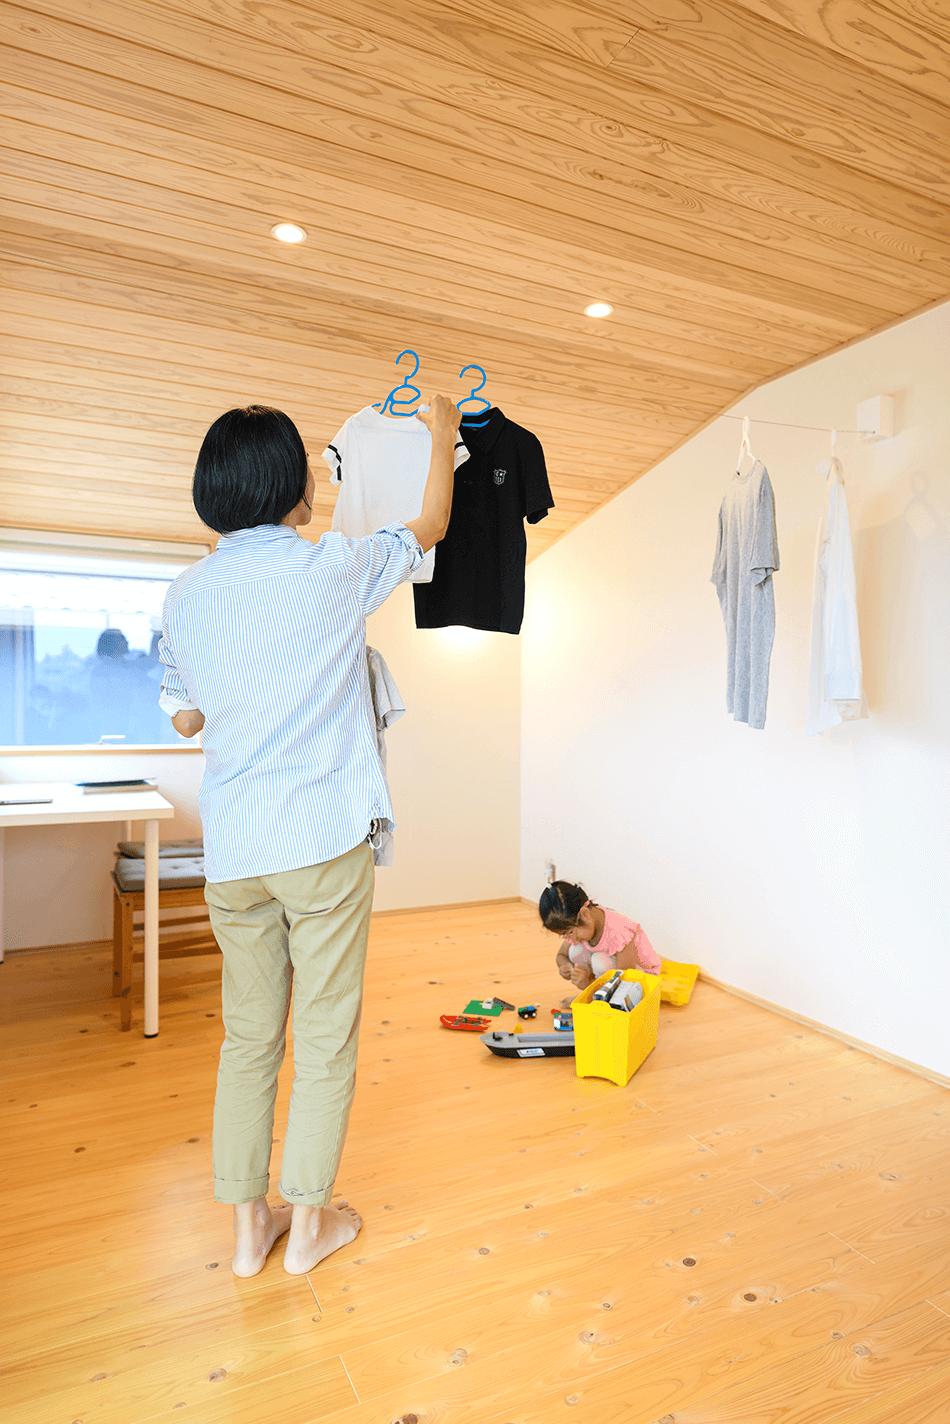 木の家|福岡の新築建築事例|2階建|3LDK|フリースペース|エコワークス|CASE-24|内観08